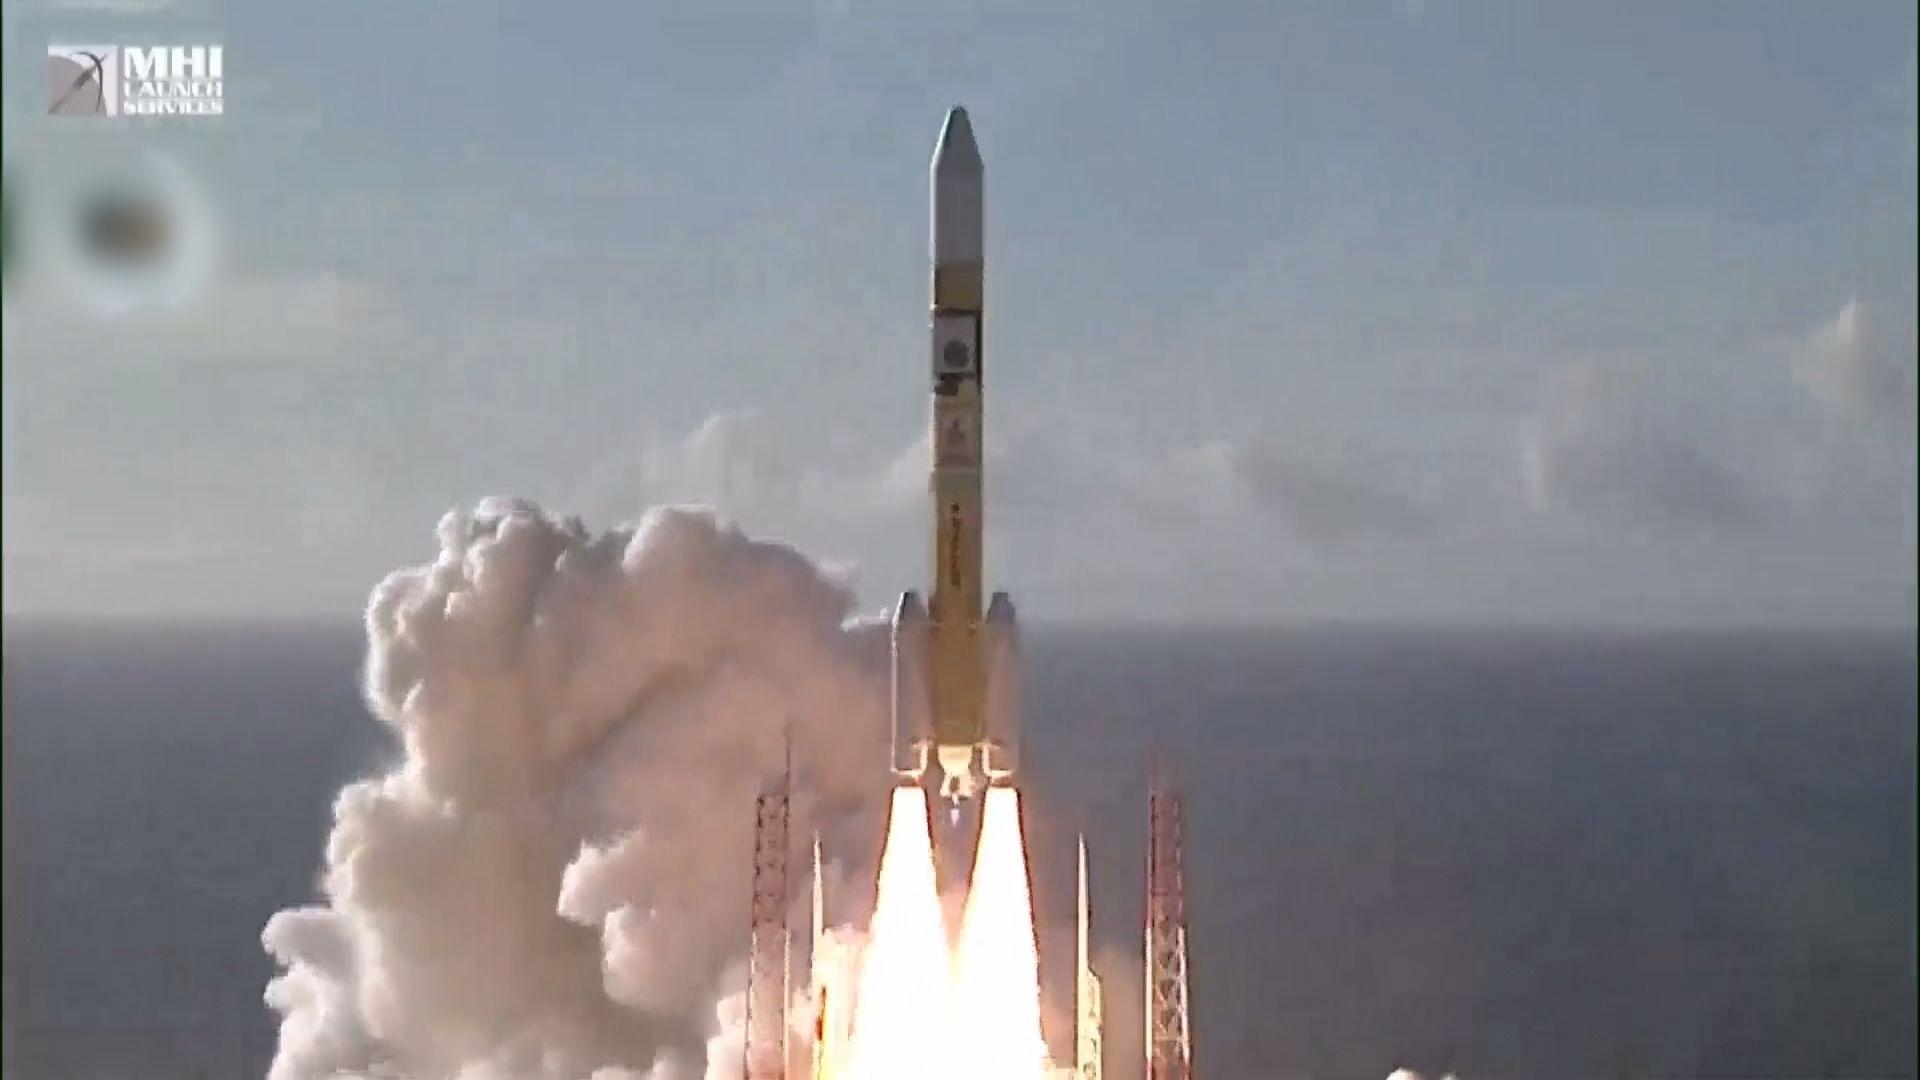 阿聯酋火星探測器希望號升空